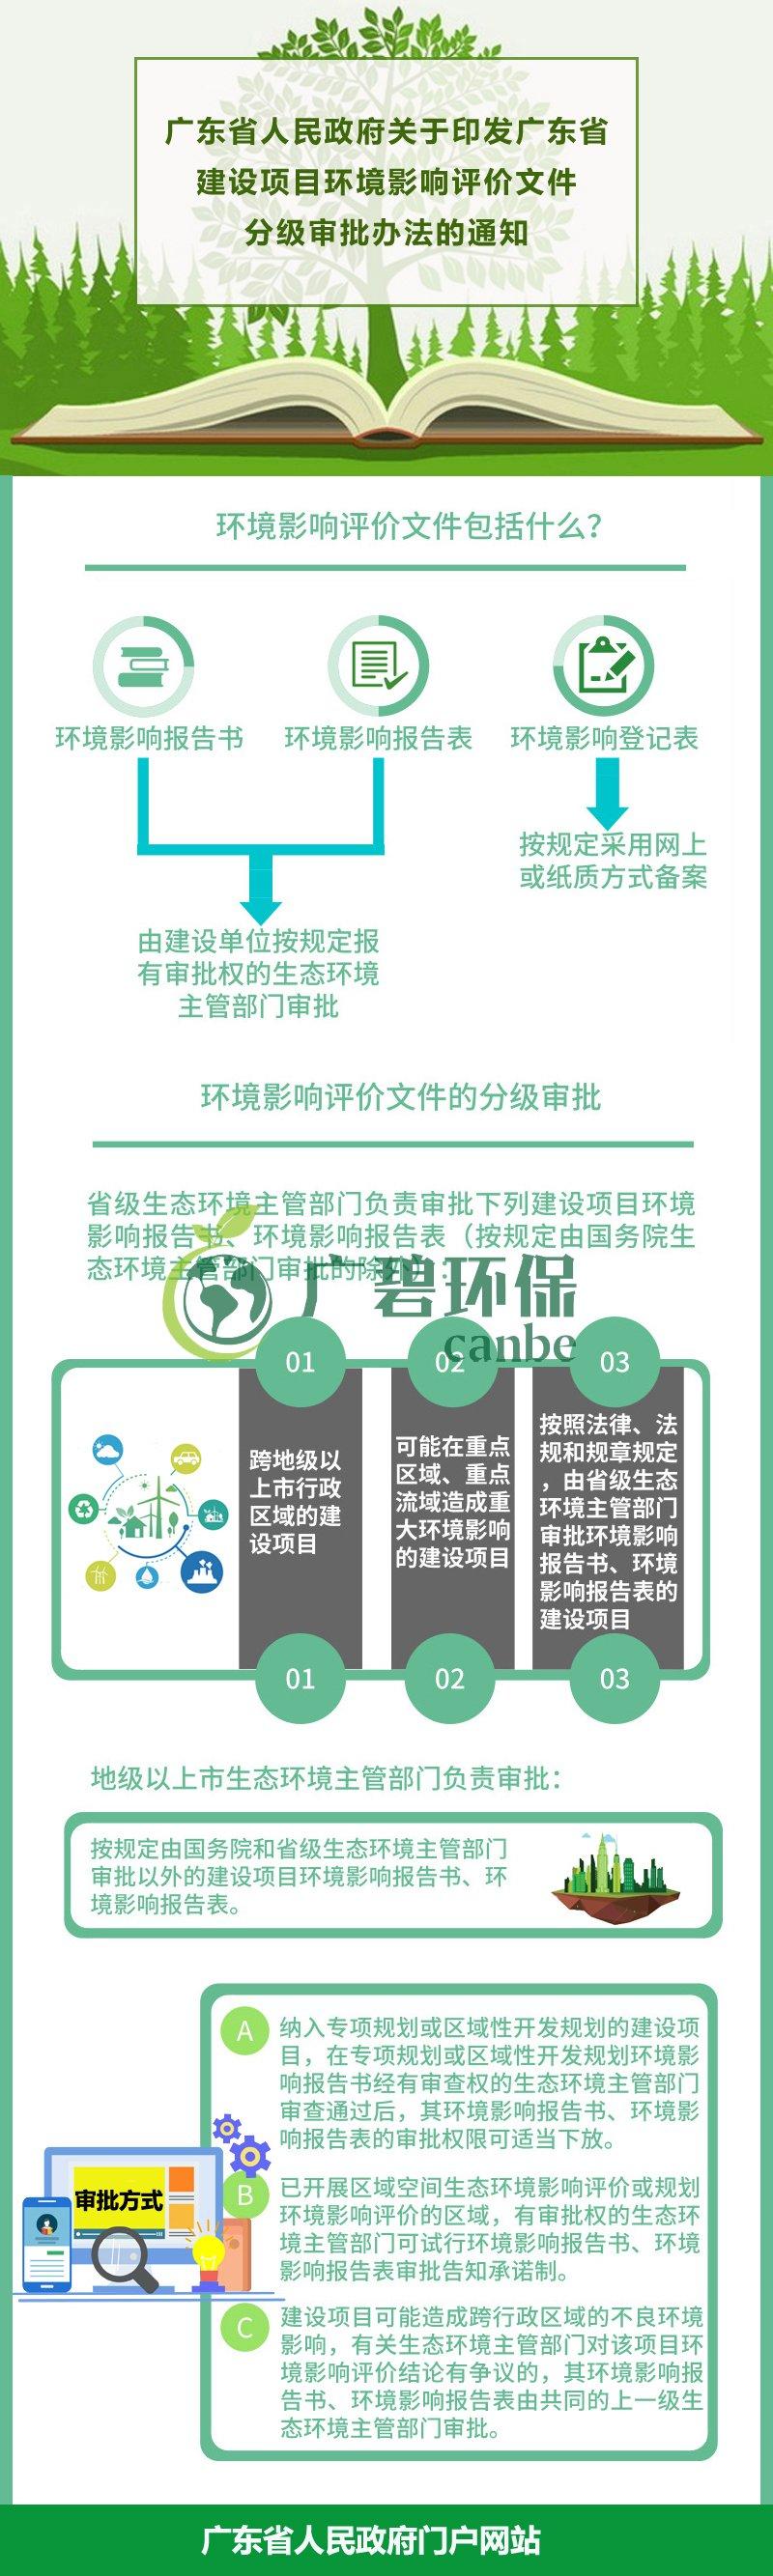 广东省生态环境厅审批环境影响评价文件的建设项目名录(2019年本)